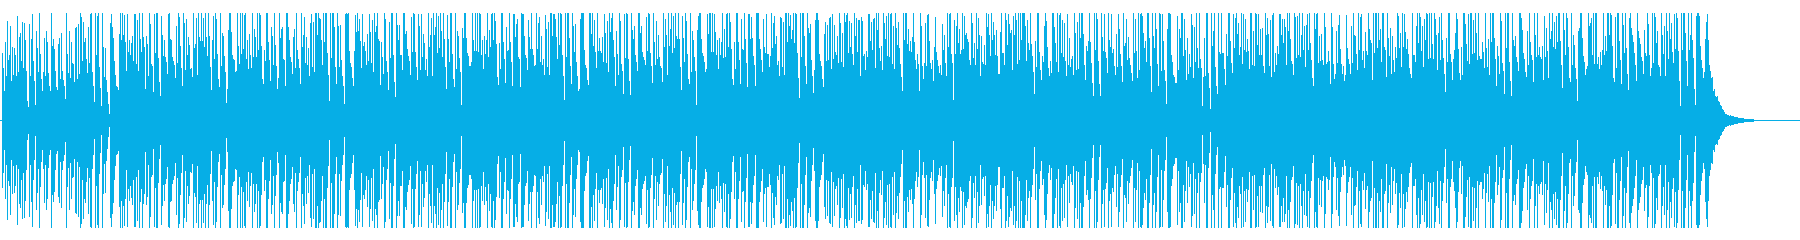 ほのぼのかわいい映像におしゃれで楽しいの再生済みの波形